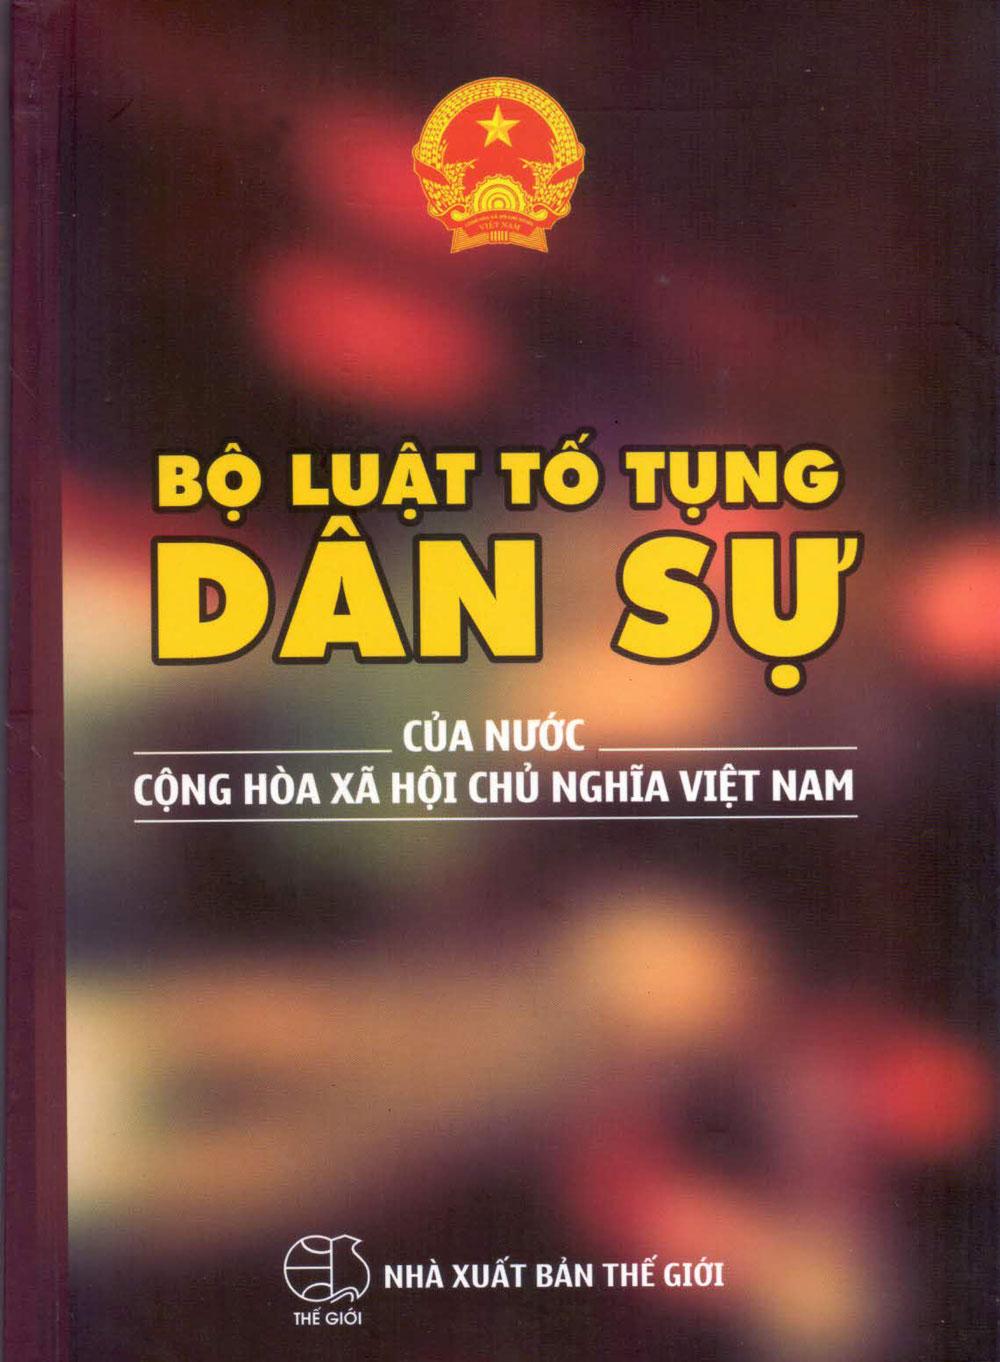 Bộ Luật Tố Tụng Dân Sự Của Nước Cộng Hòa Xã Hội Chủ Nghĩa Việt Nam (2016) - 9786047722129,62_256762,59000,tiki.vn,Bo-Luat-To-Tung-Dan-Su-Cua-Nuoc-Cong-Hoa-Xa-Hoi-Chu-Nghia-Viet-Nam-2016-62_256762,Bộ Luật Tố Tụng Dân Sự Của Nước Cộng Hòa Xã Hội Chủ Nghĩa Việt Nam (2016)